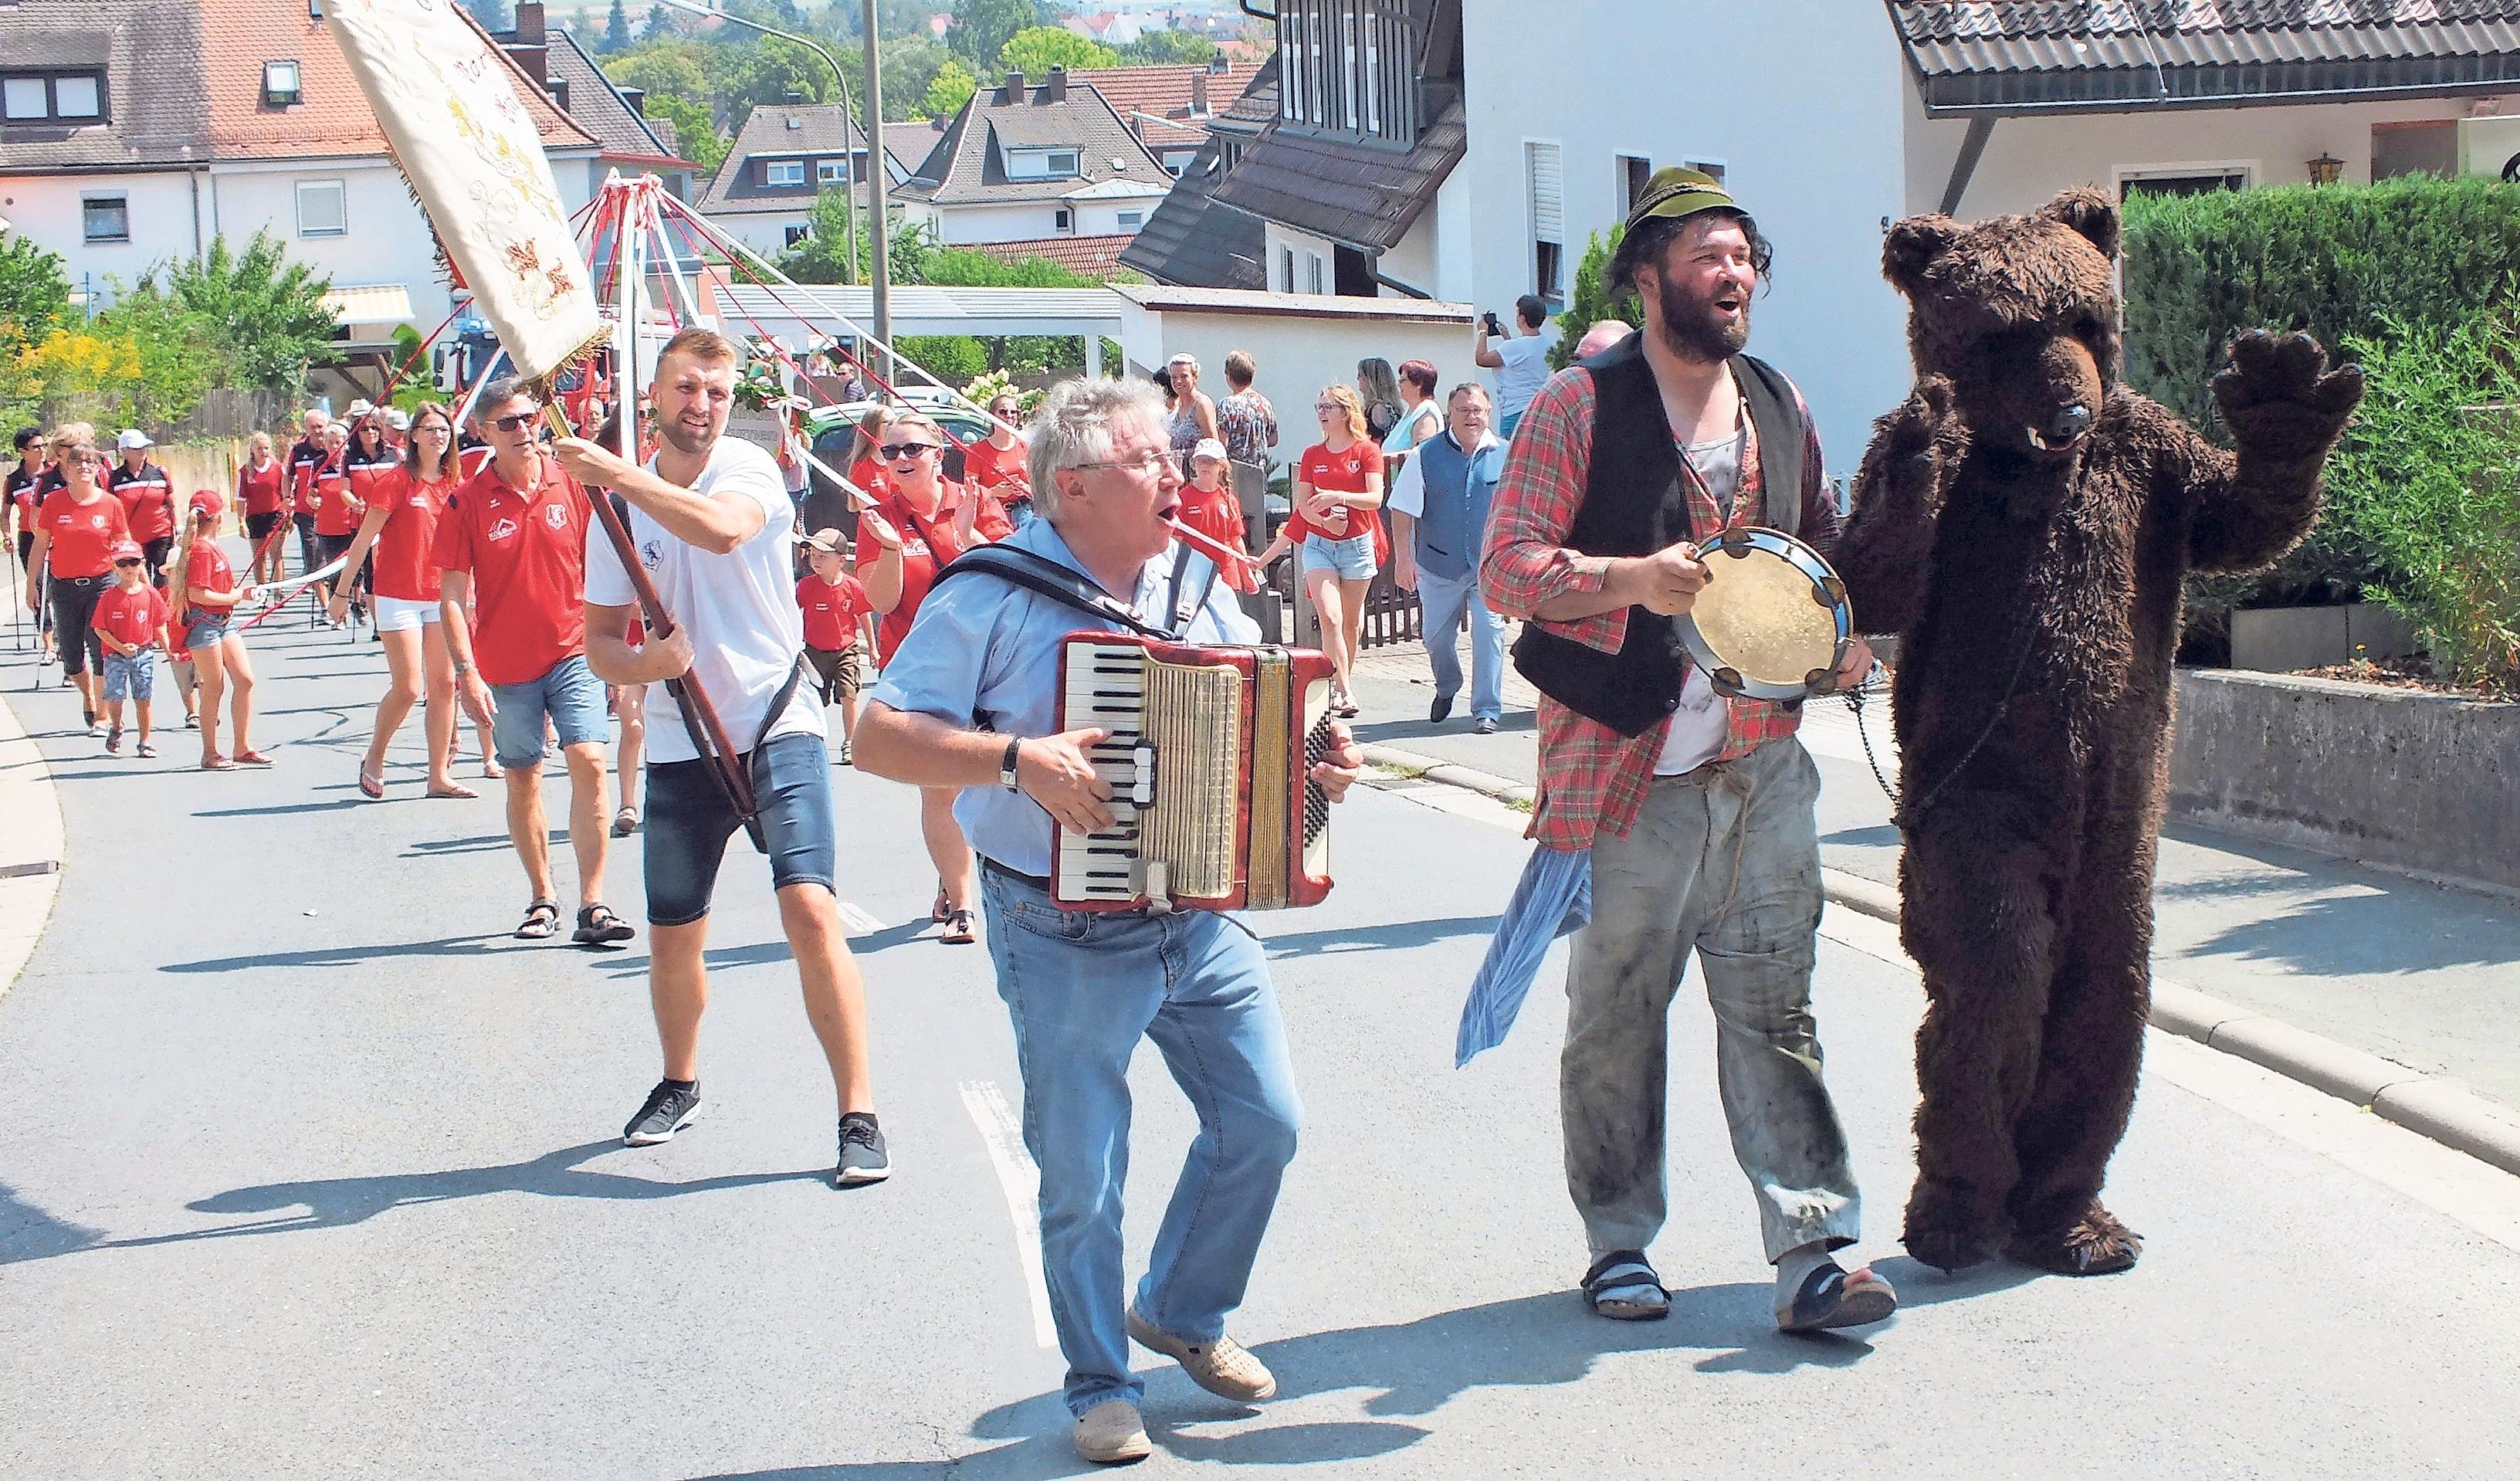 Angeführt von Bär und Treiber, Musiker Ralf Bayerlein und Fahnenträger Dominik Leicht zieht der Festzug am Sonntag durch den Ort zum Sportgelände.